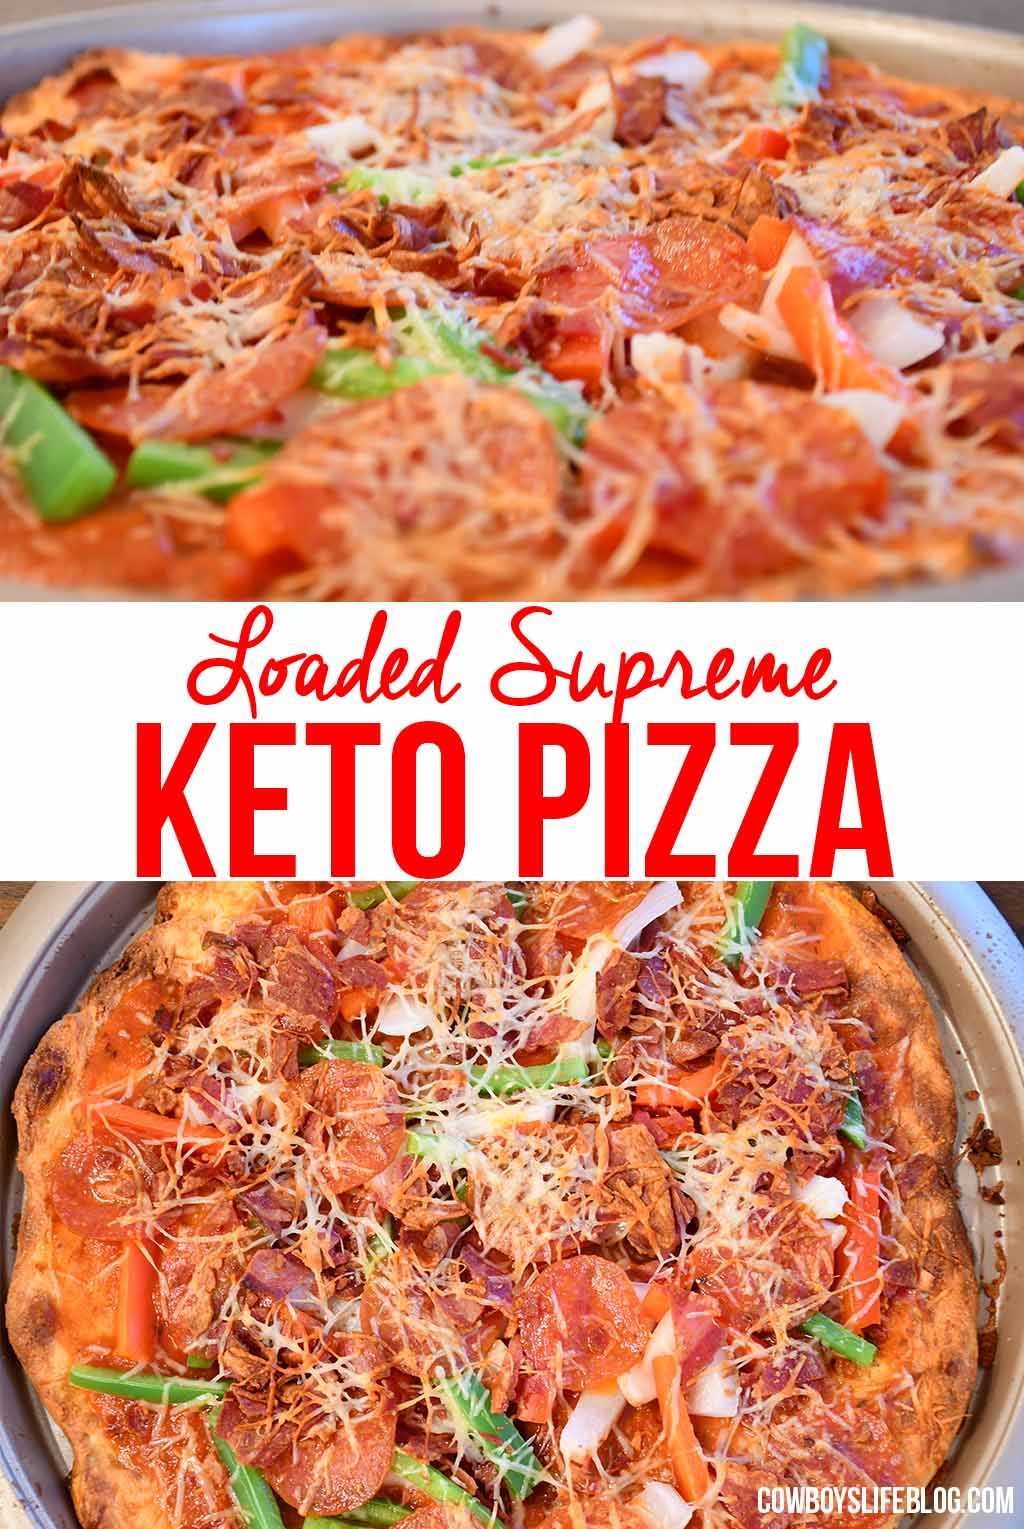 Supreme Keto Pizza with Fathead Pizza Crust